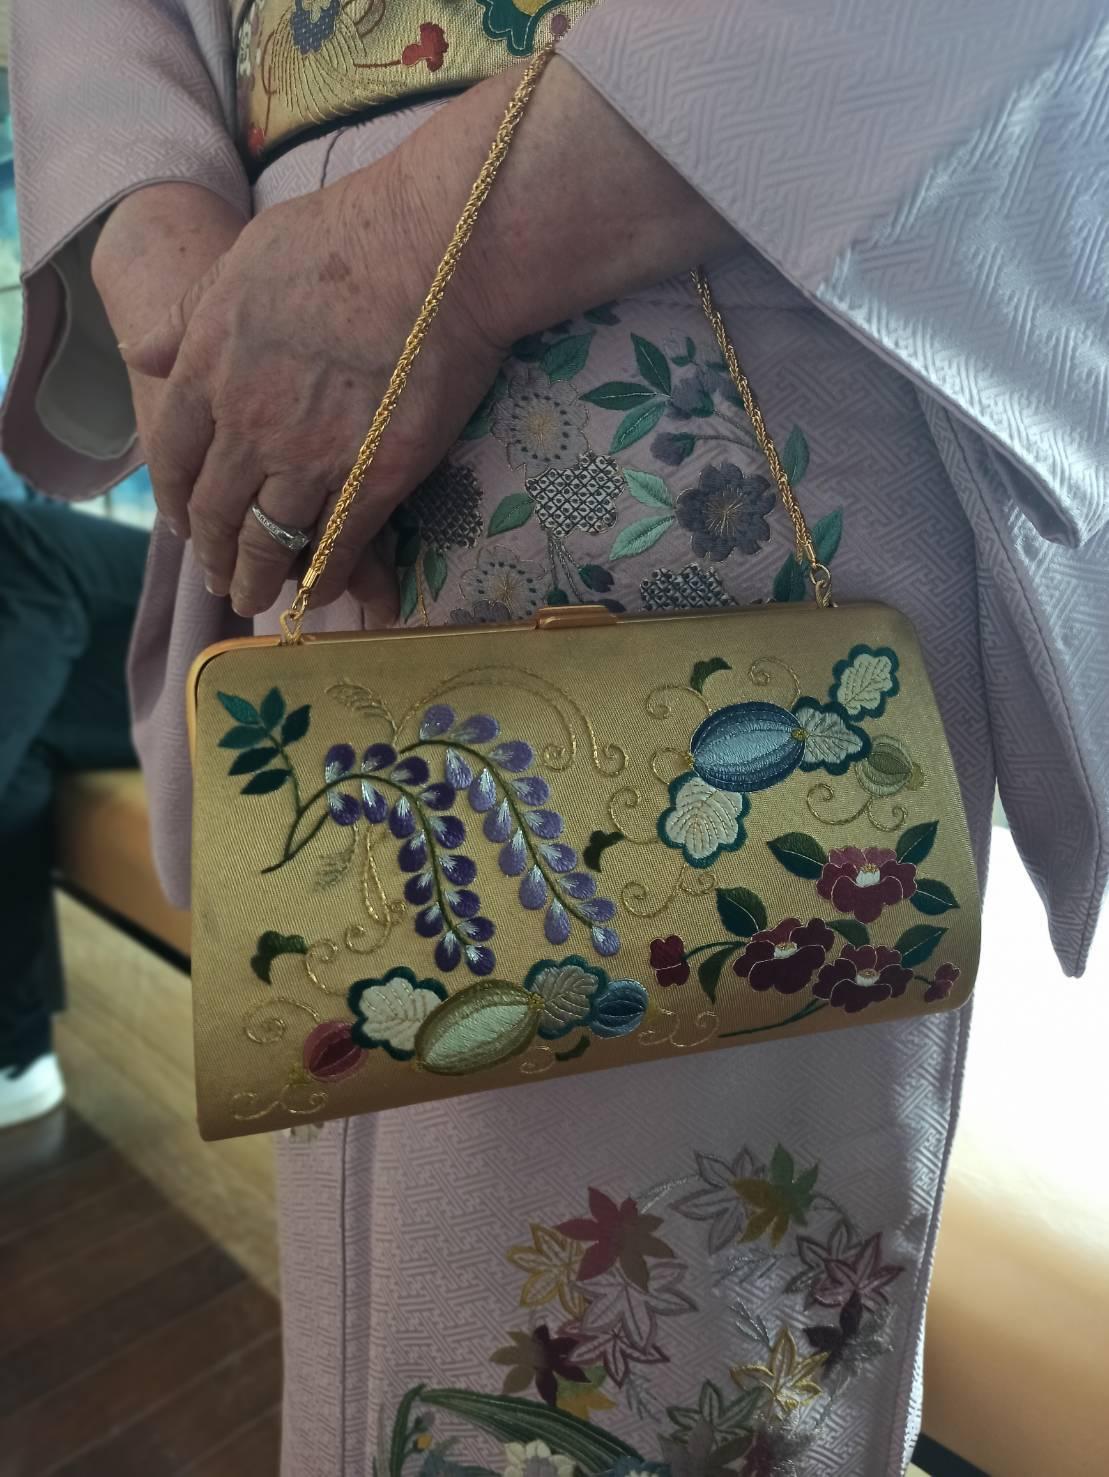 伝えて行きたい日本伝統の美《美知子お義母さんの日本刺繍》_a0157409_07205904.jpeg